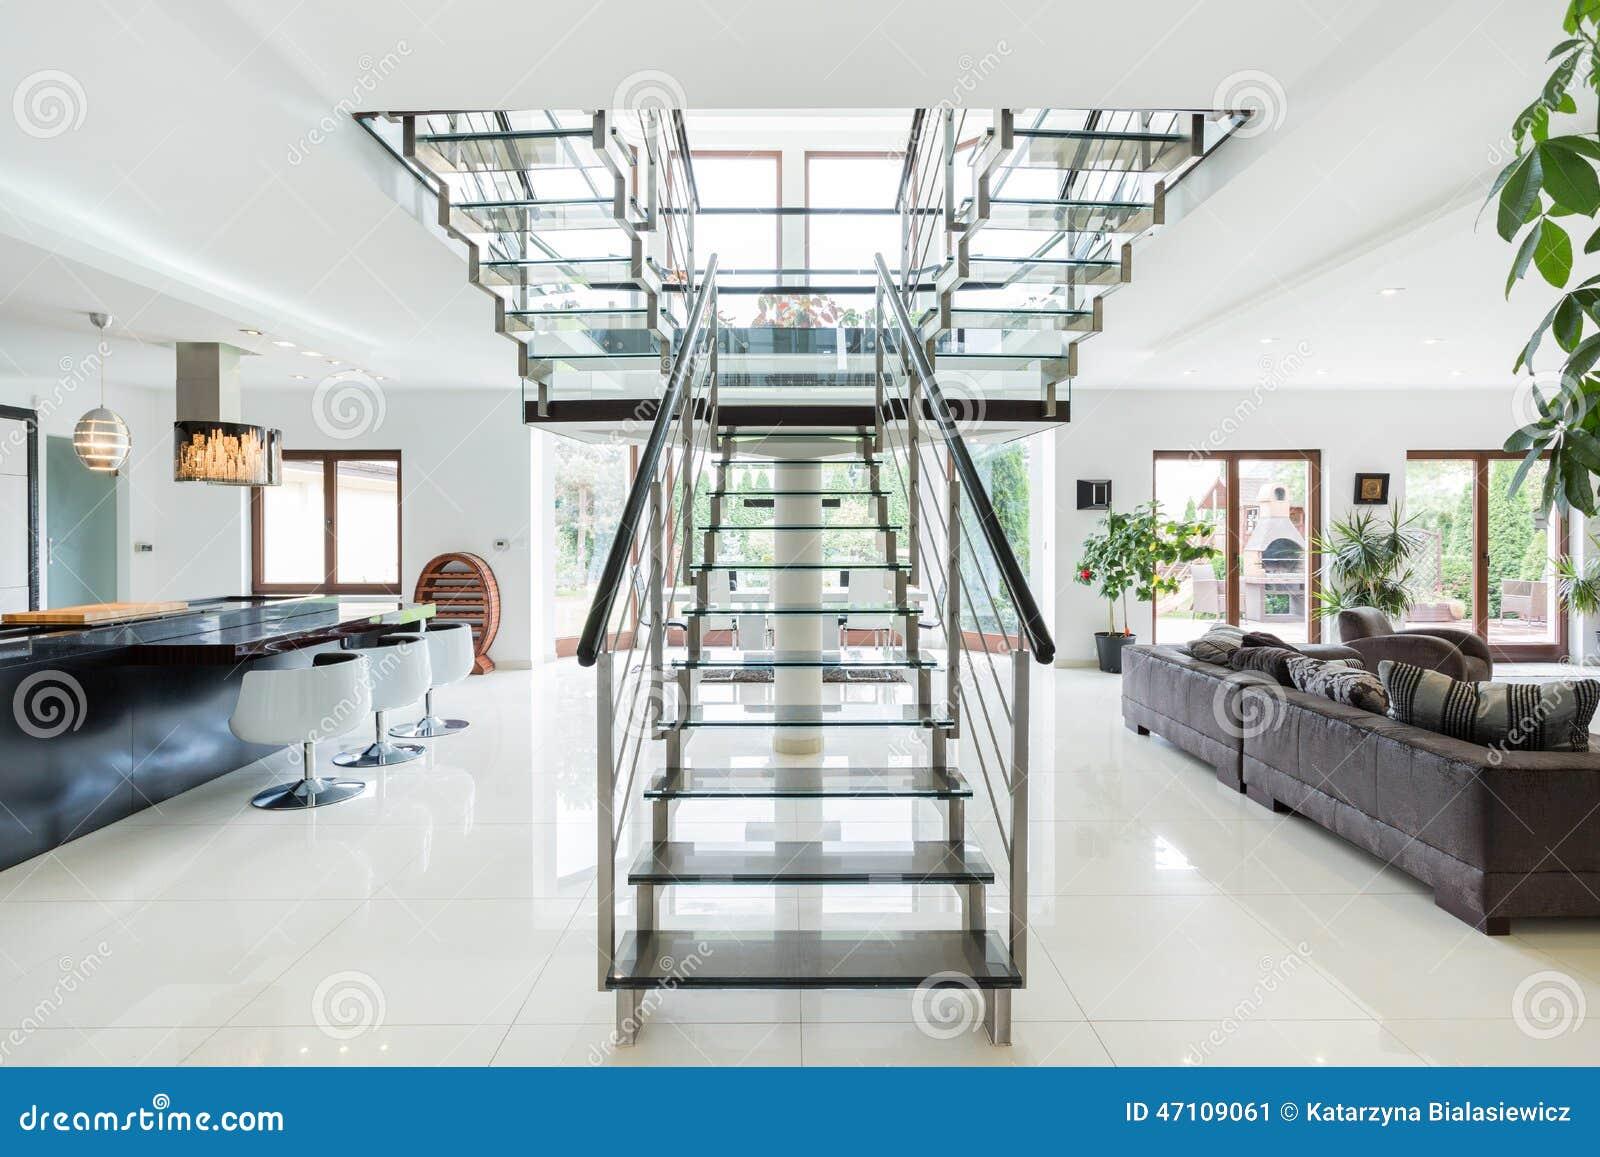 Escaliers modernes en appartement de luxe image stock for Escalier ouvert salon